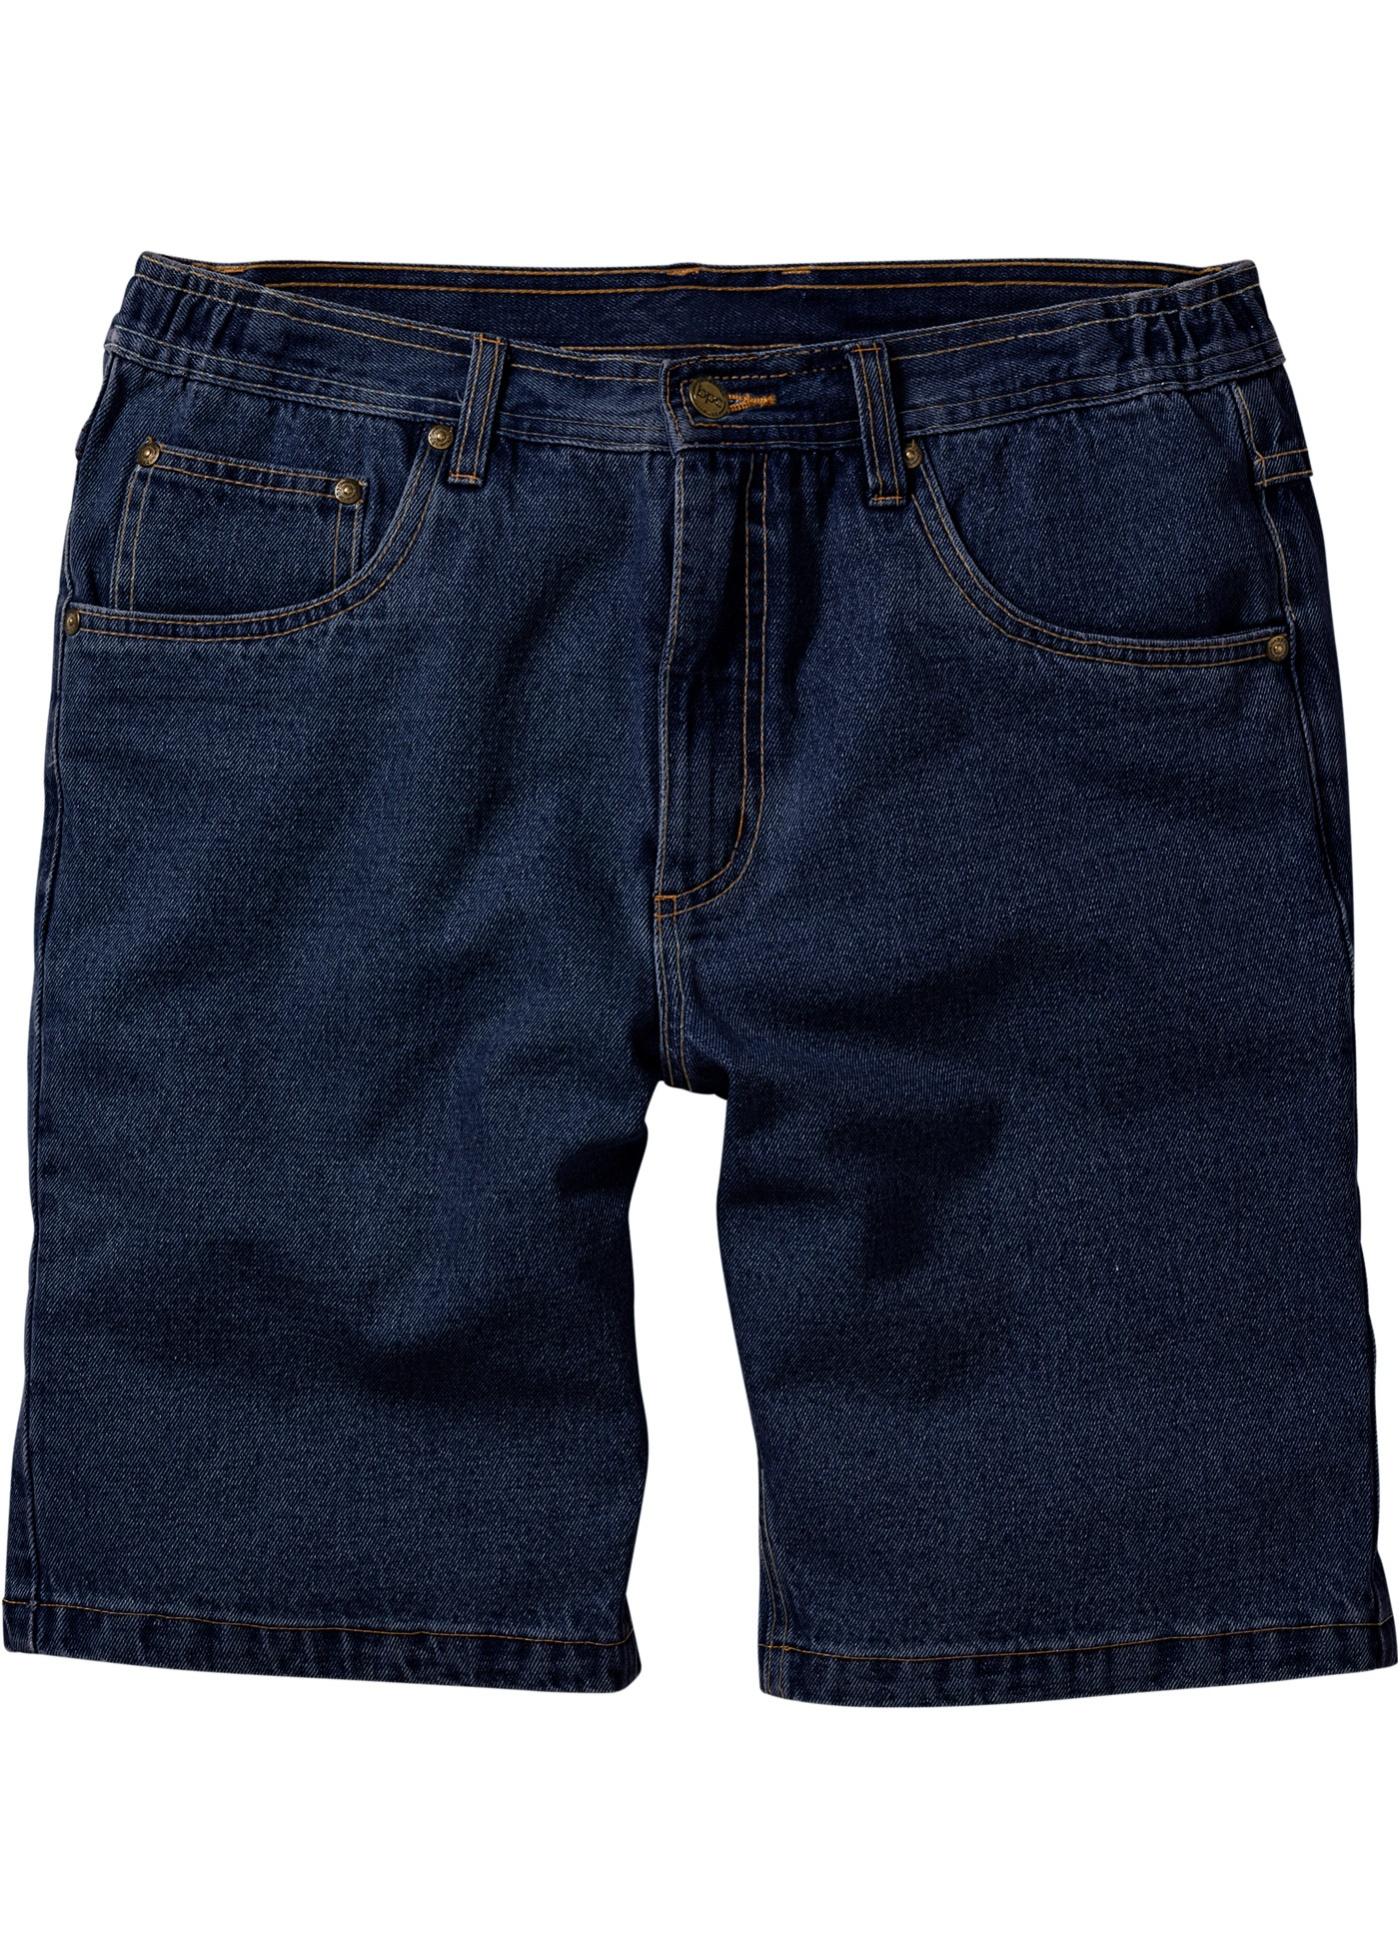 Bermuda di jeans classic fit (Blu) - John Baner JEANSWEAR (2473050483)